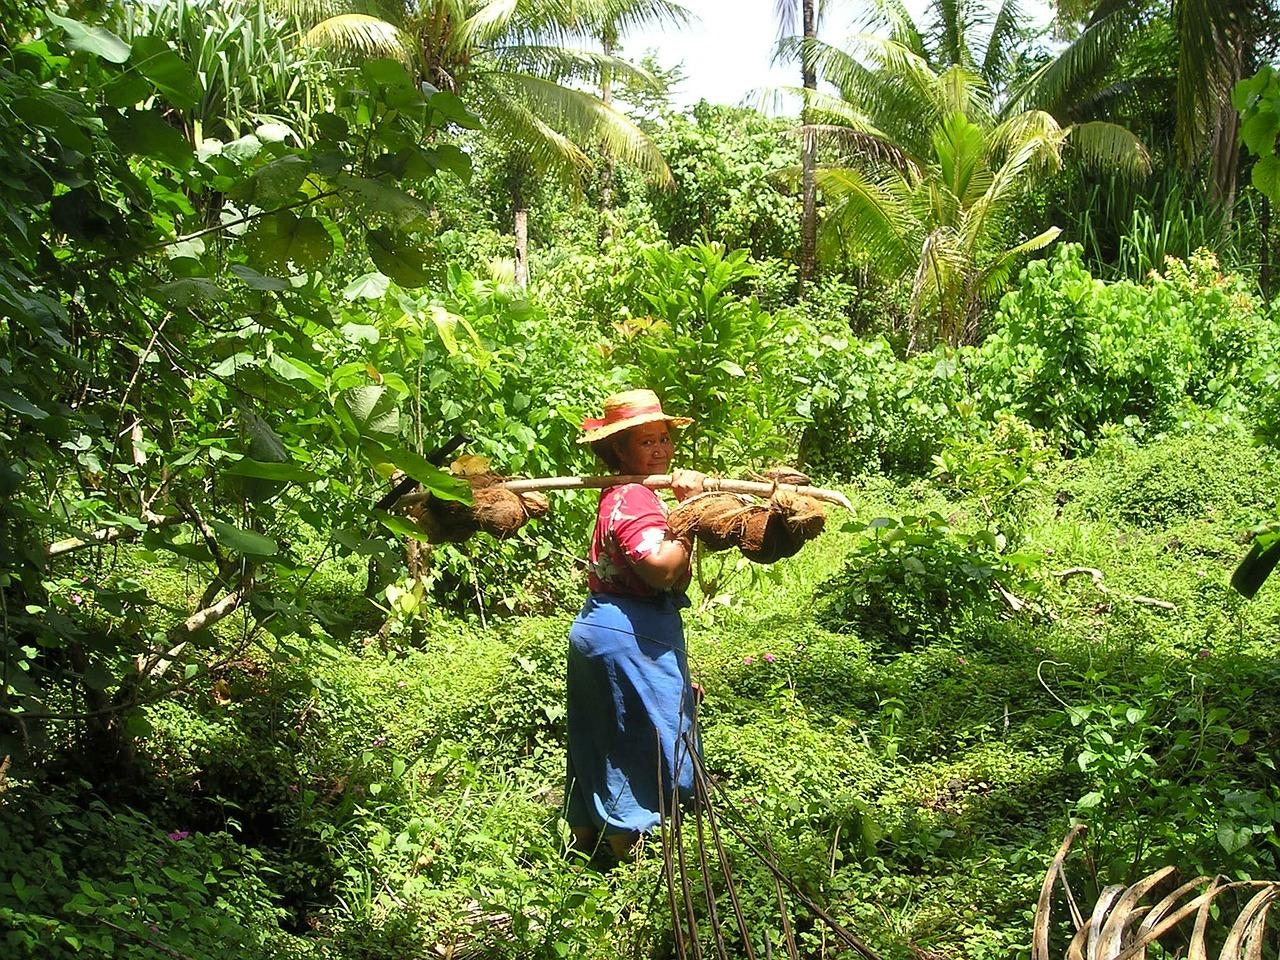 coconuts-46_1280